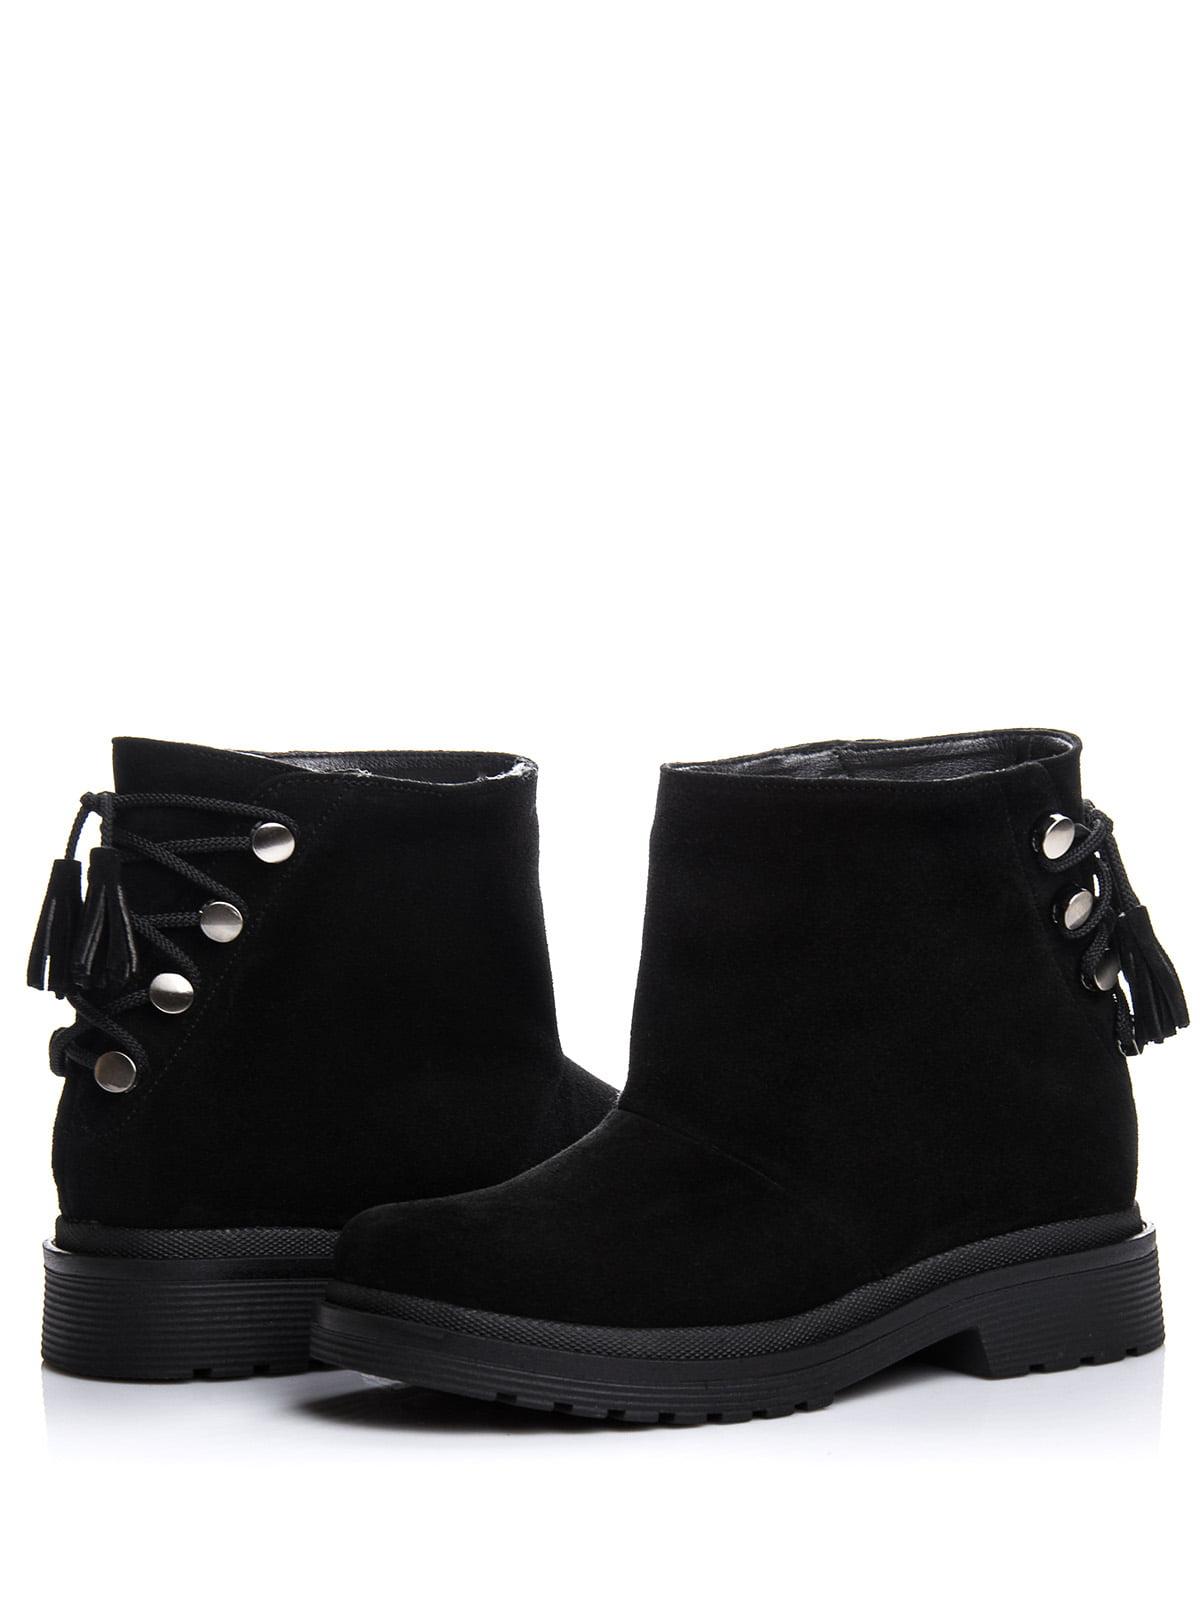 Ботинки черные | 4643291 | фото 2